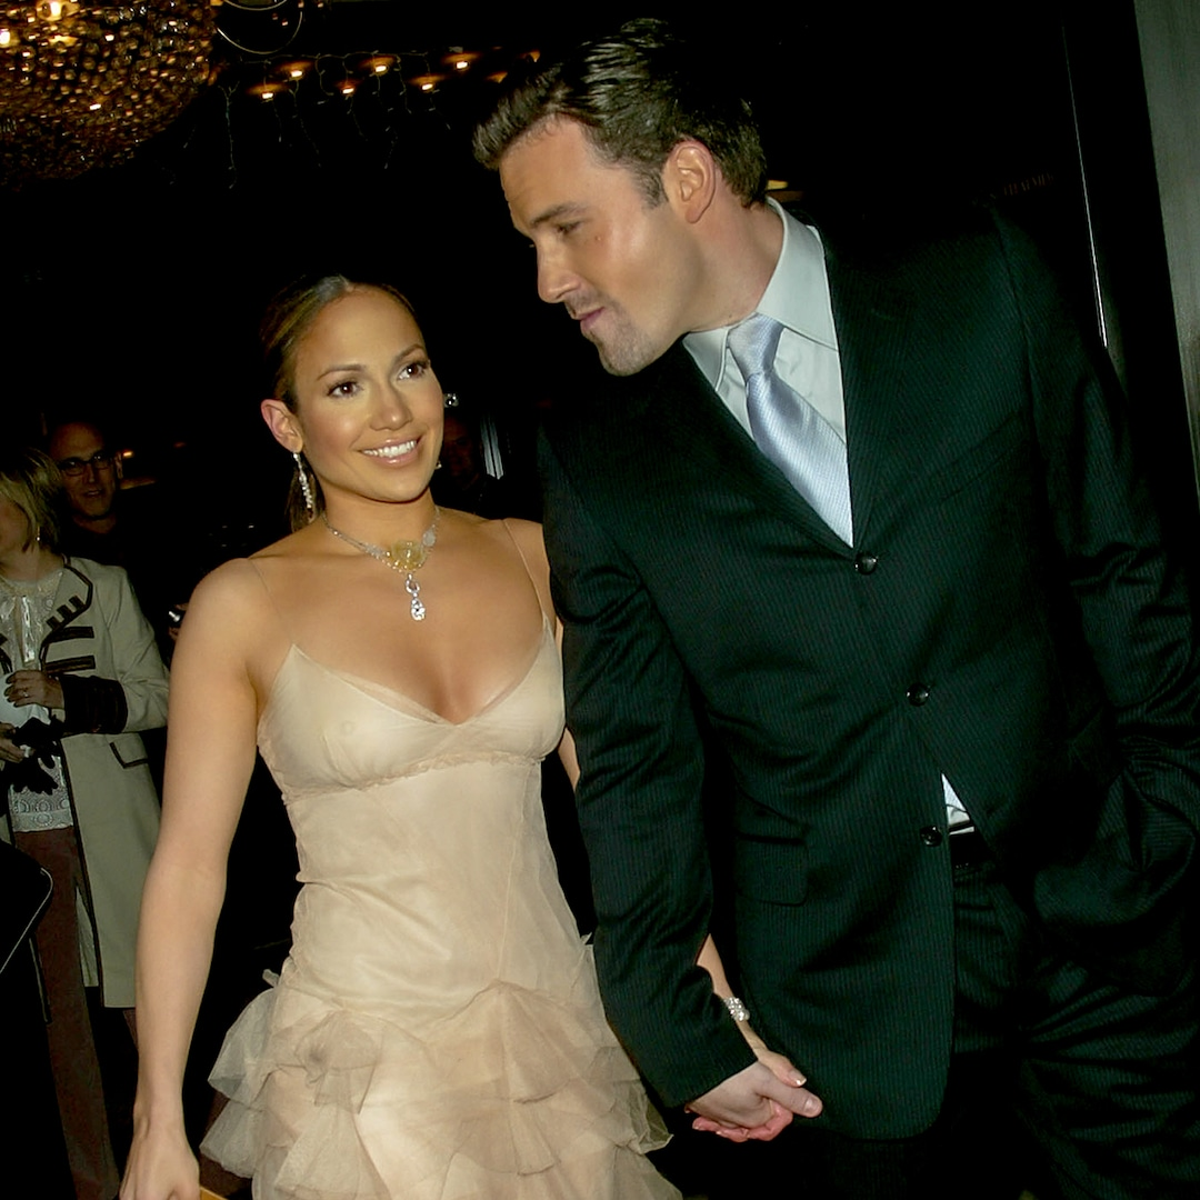 Jennifer Lopez and Ben Affleck Enjoy Weeklong Vacation 17 Years After Their Split - E! Online